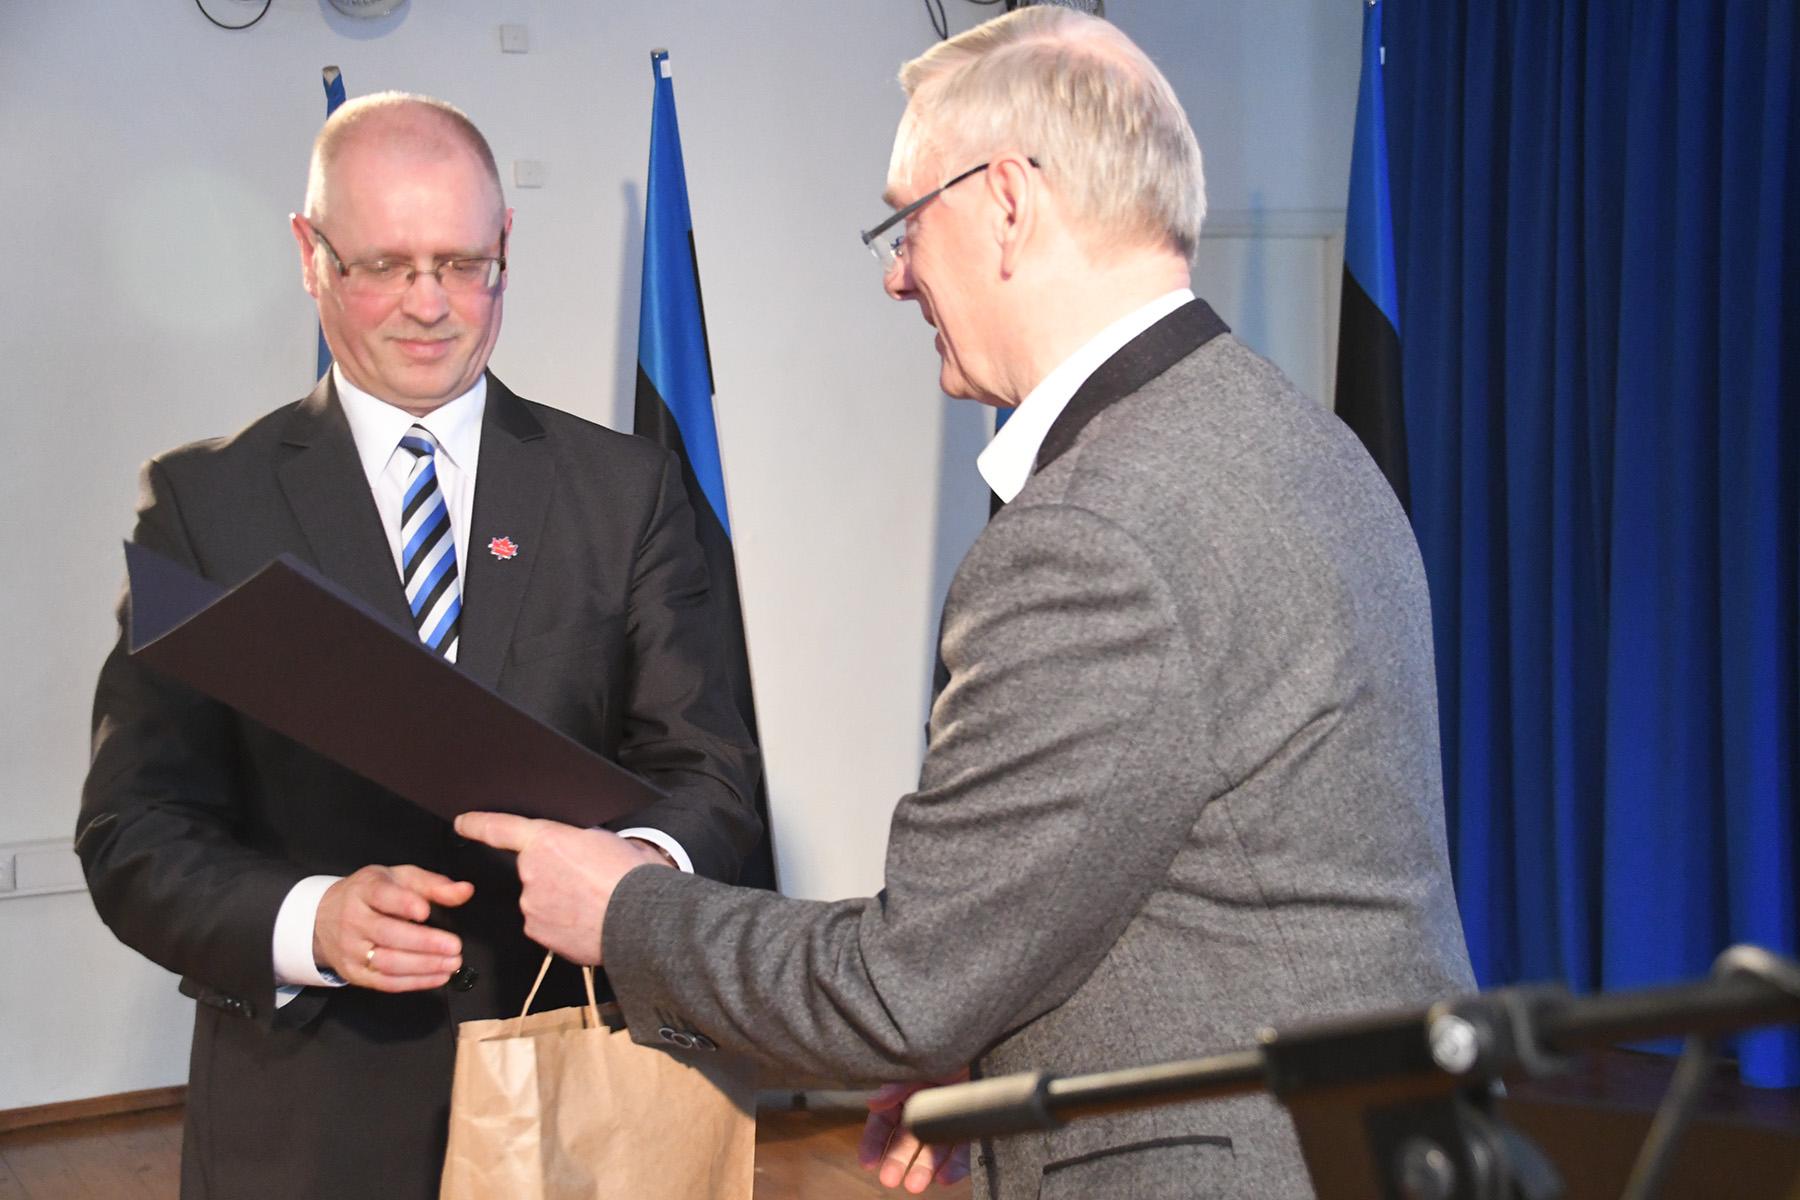 Ain Keerup võtab vastu Eesti lipu seltsi tänukirja, mille annab üle juhatuse liige Trivimi Velliste. Foto Urmas Saard